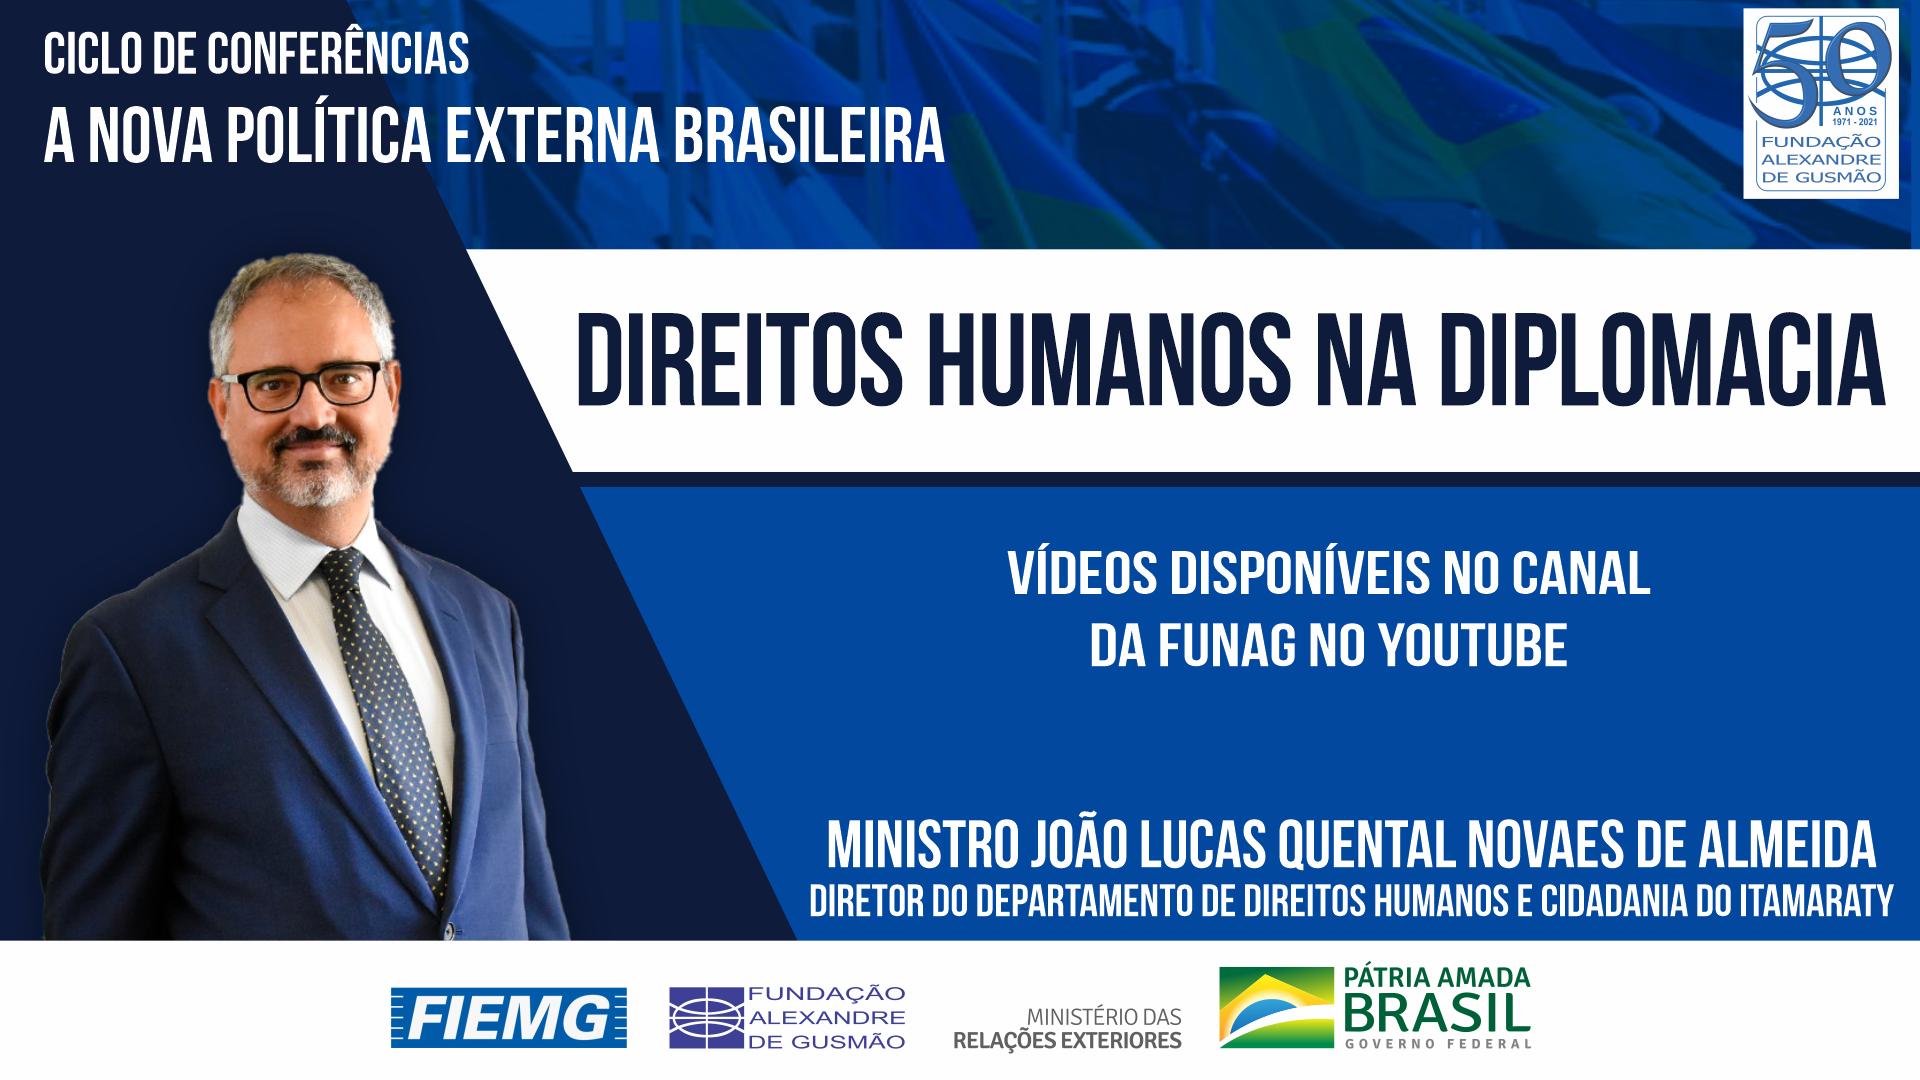 Assista aos vídeos da conferência do Diretor do Departamento de Direitos Humanos e Cidadania do Itamaraty, Ministro João Lucas Quental Novaes de Almeida